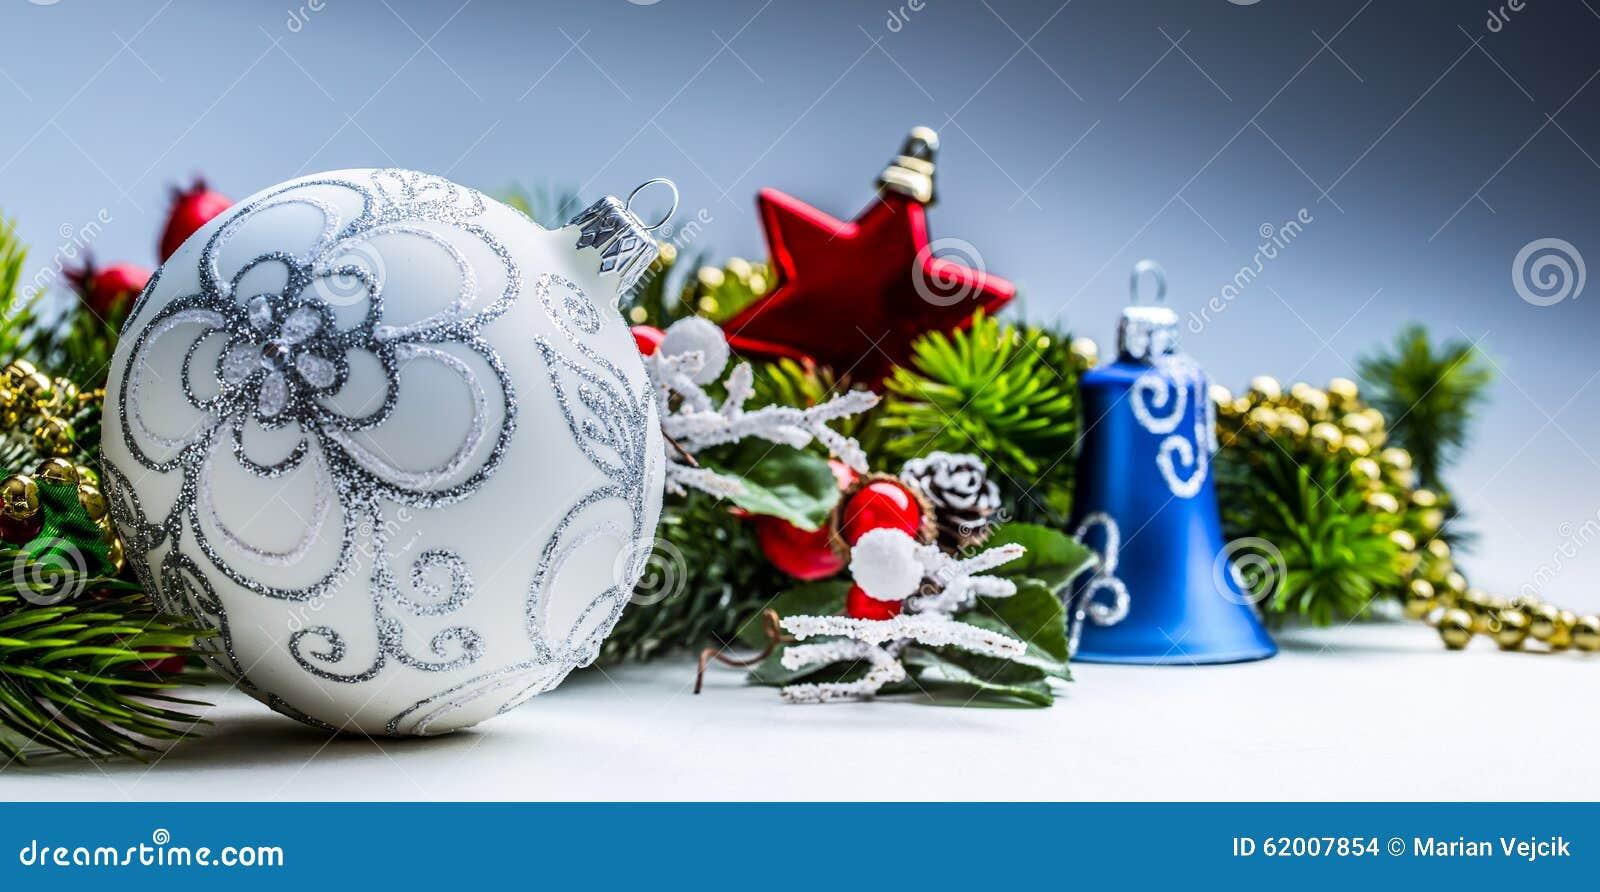 Christmas time christmas card with ball fir and decor on for Christmas time decorations